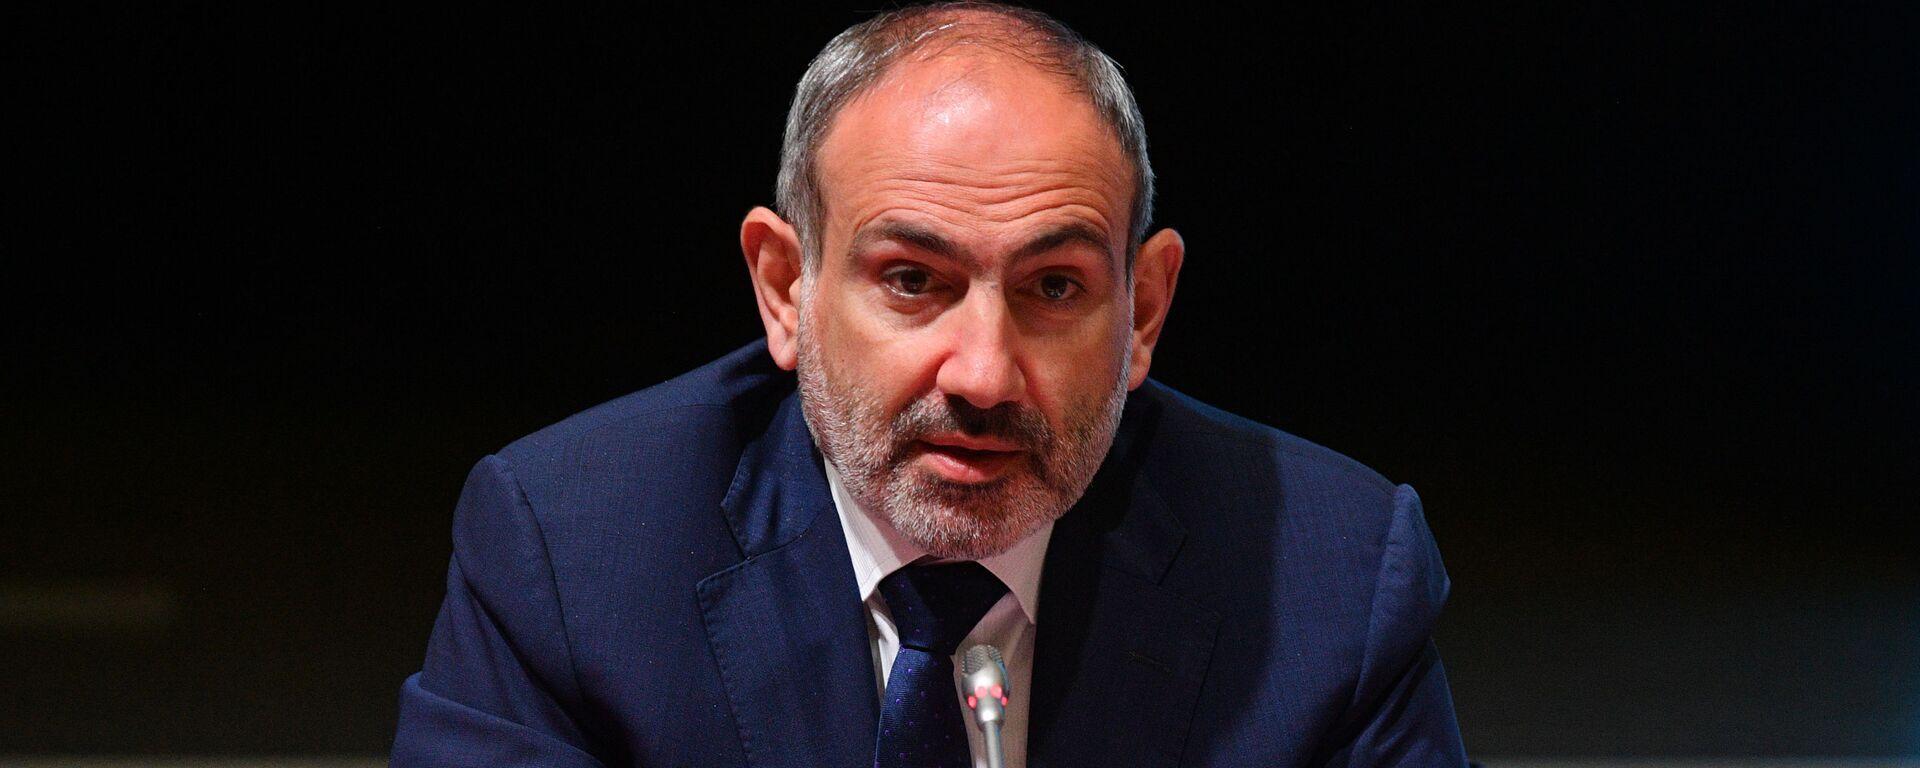 Armenian Prime Minister Nikol Pashinyan (File) - Sputnik Italia, 1920, 25.02.2021